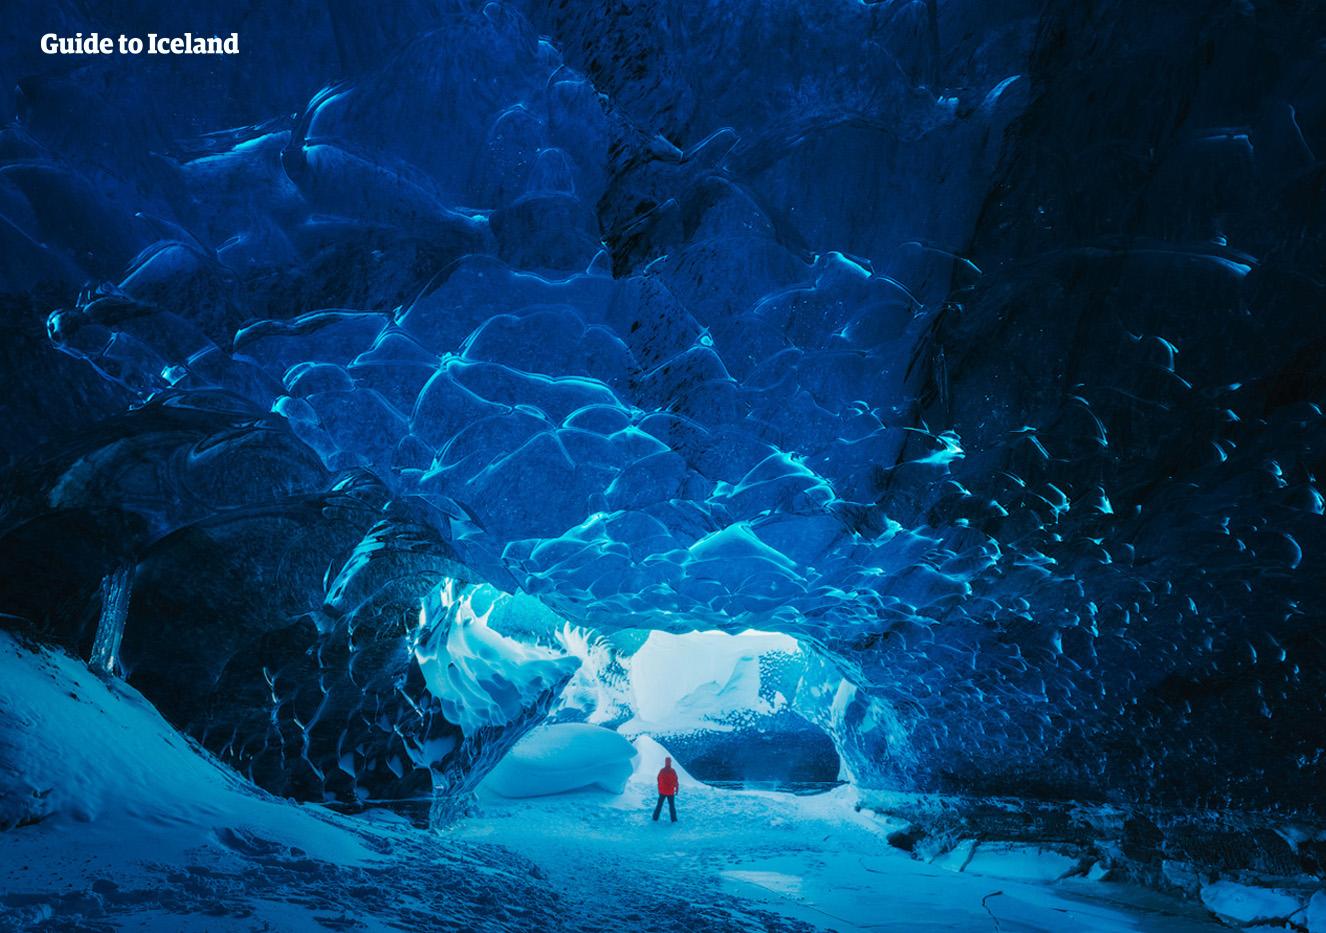 Ослепительно синий интерьер исландских ледяных пещер.